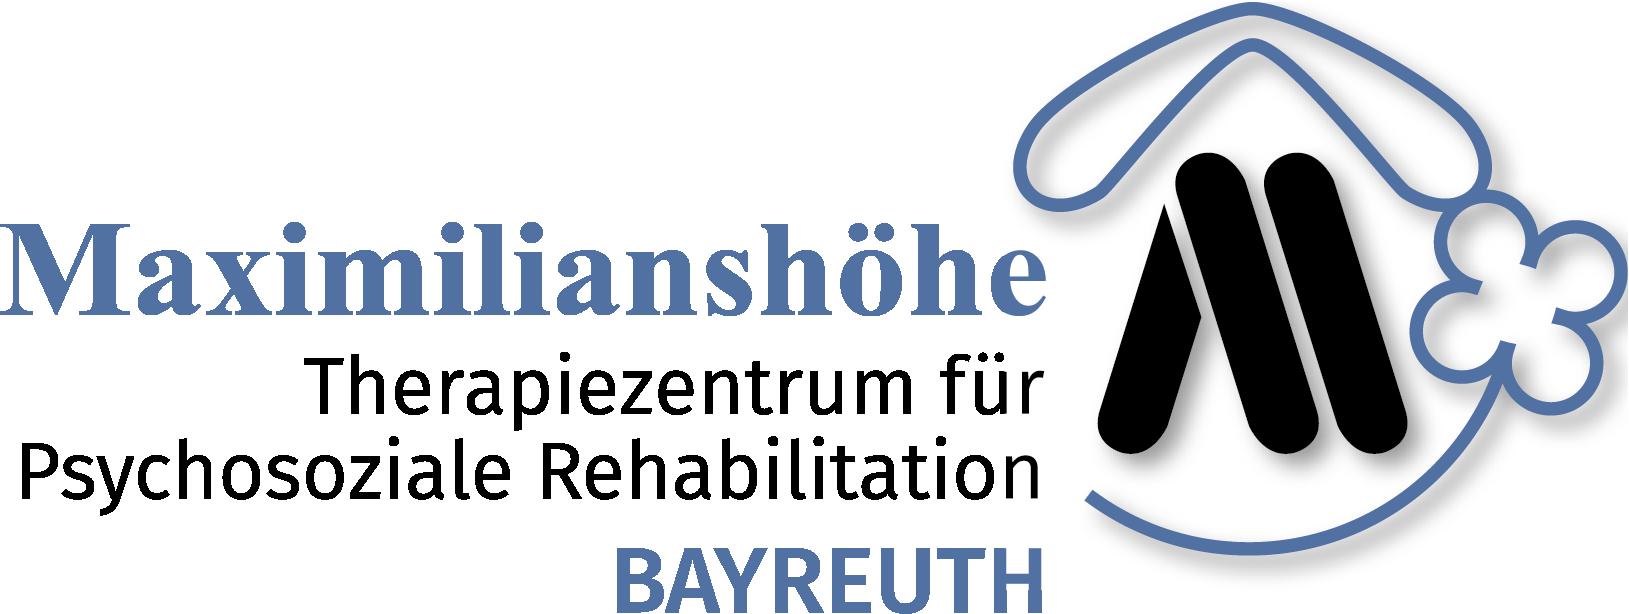 Maximilianshöhe Bayreuth